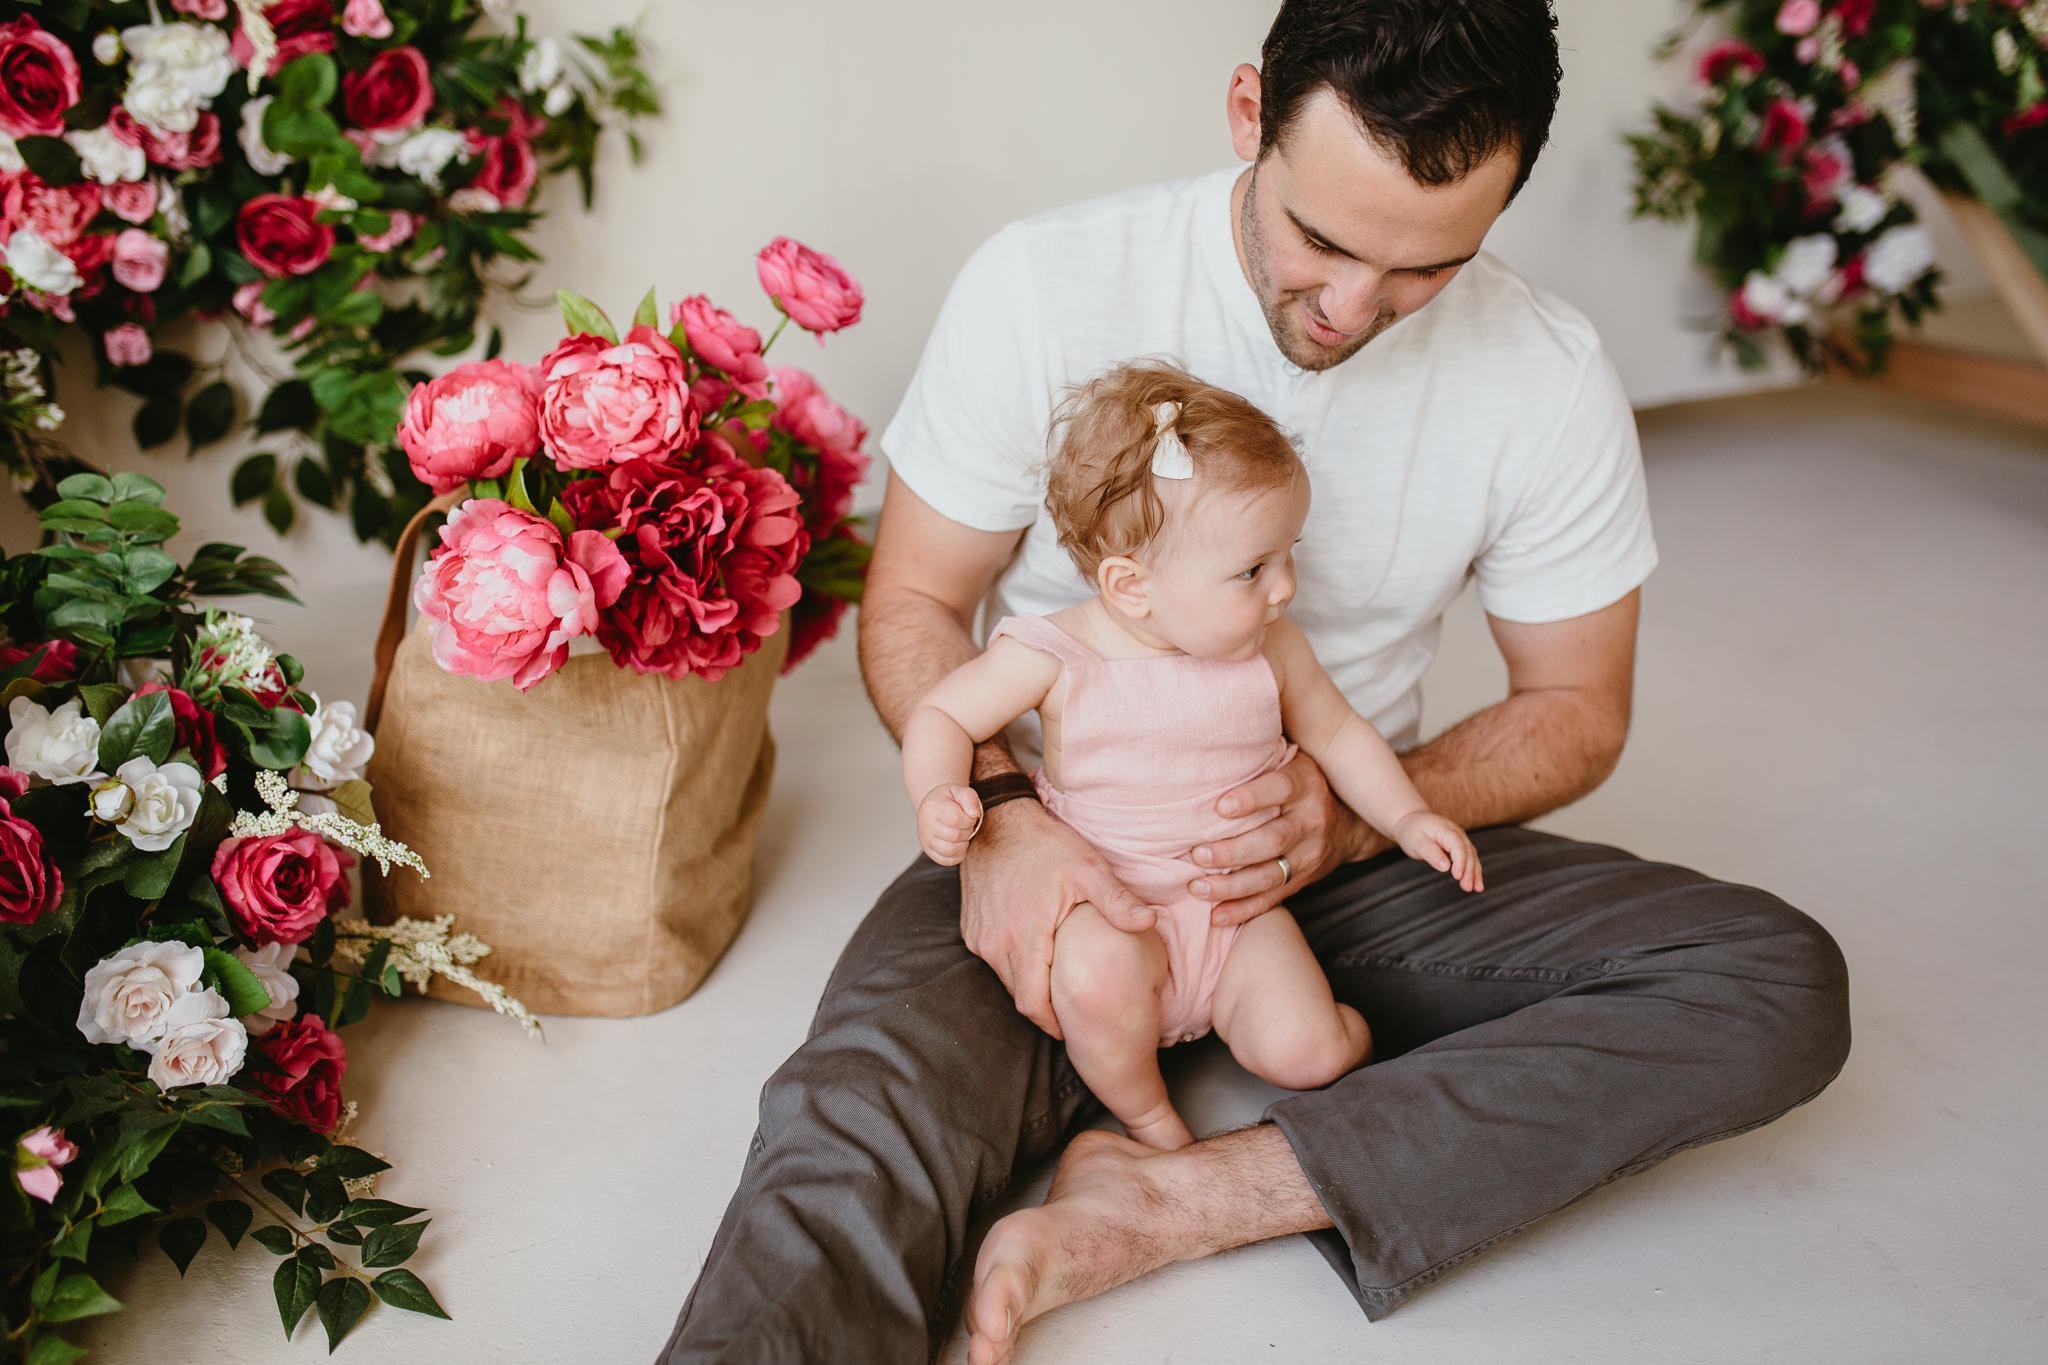 denver-family-photographer-photo-studio-9.jpg